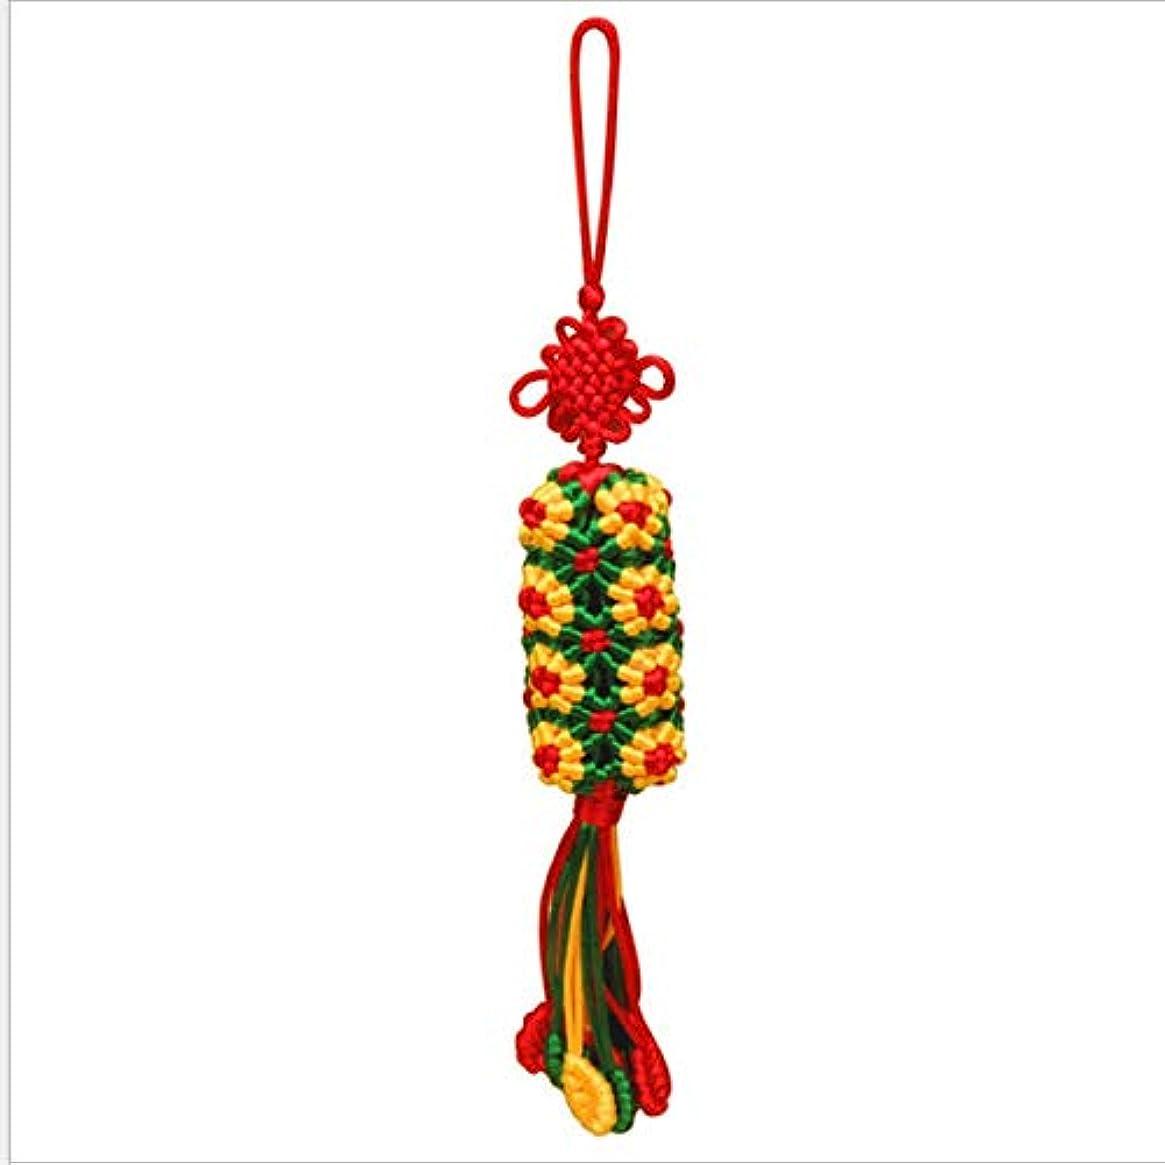 尽きる足首描くAishanghuayi 1パック、カラフルなロープの手編みの小さなペンダント、ひまわりのペンダント、フリンジサテンのチャイニーズノット(赤),ファッションオーナメント (Color : Red)